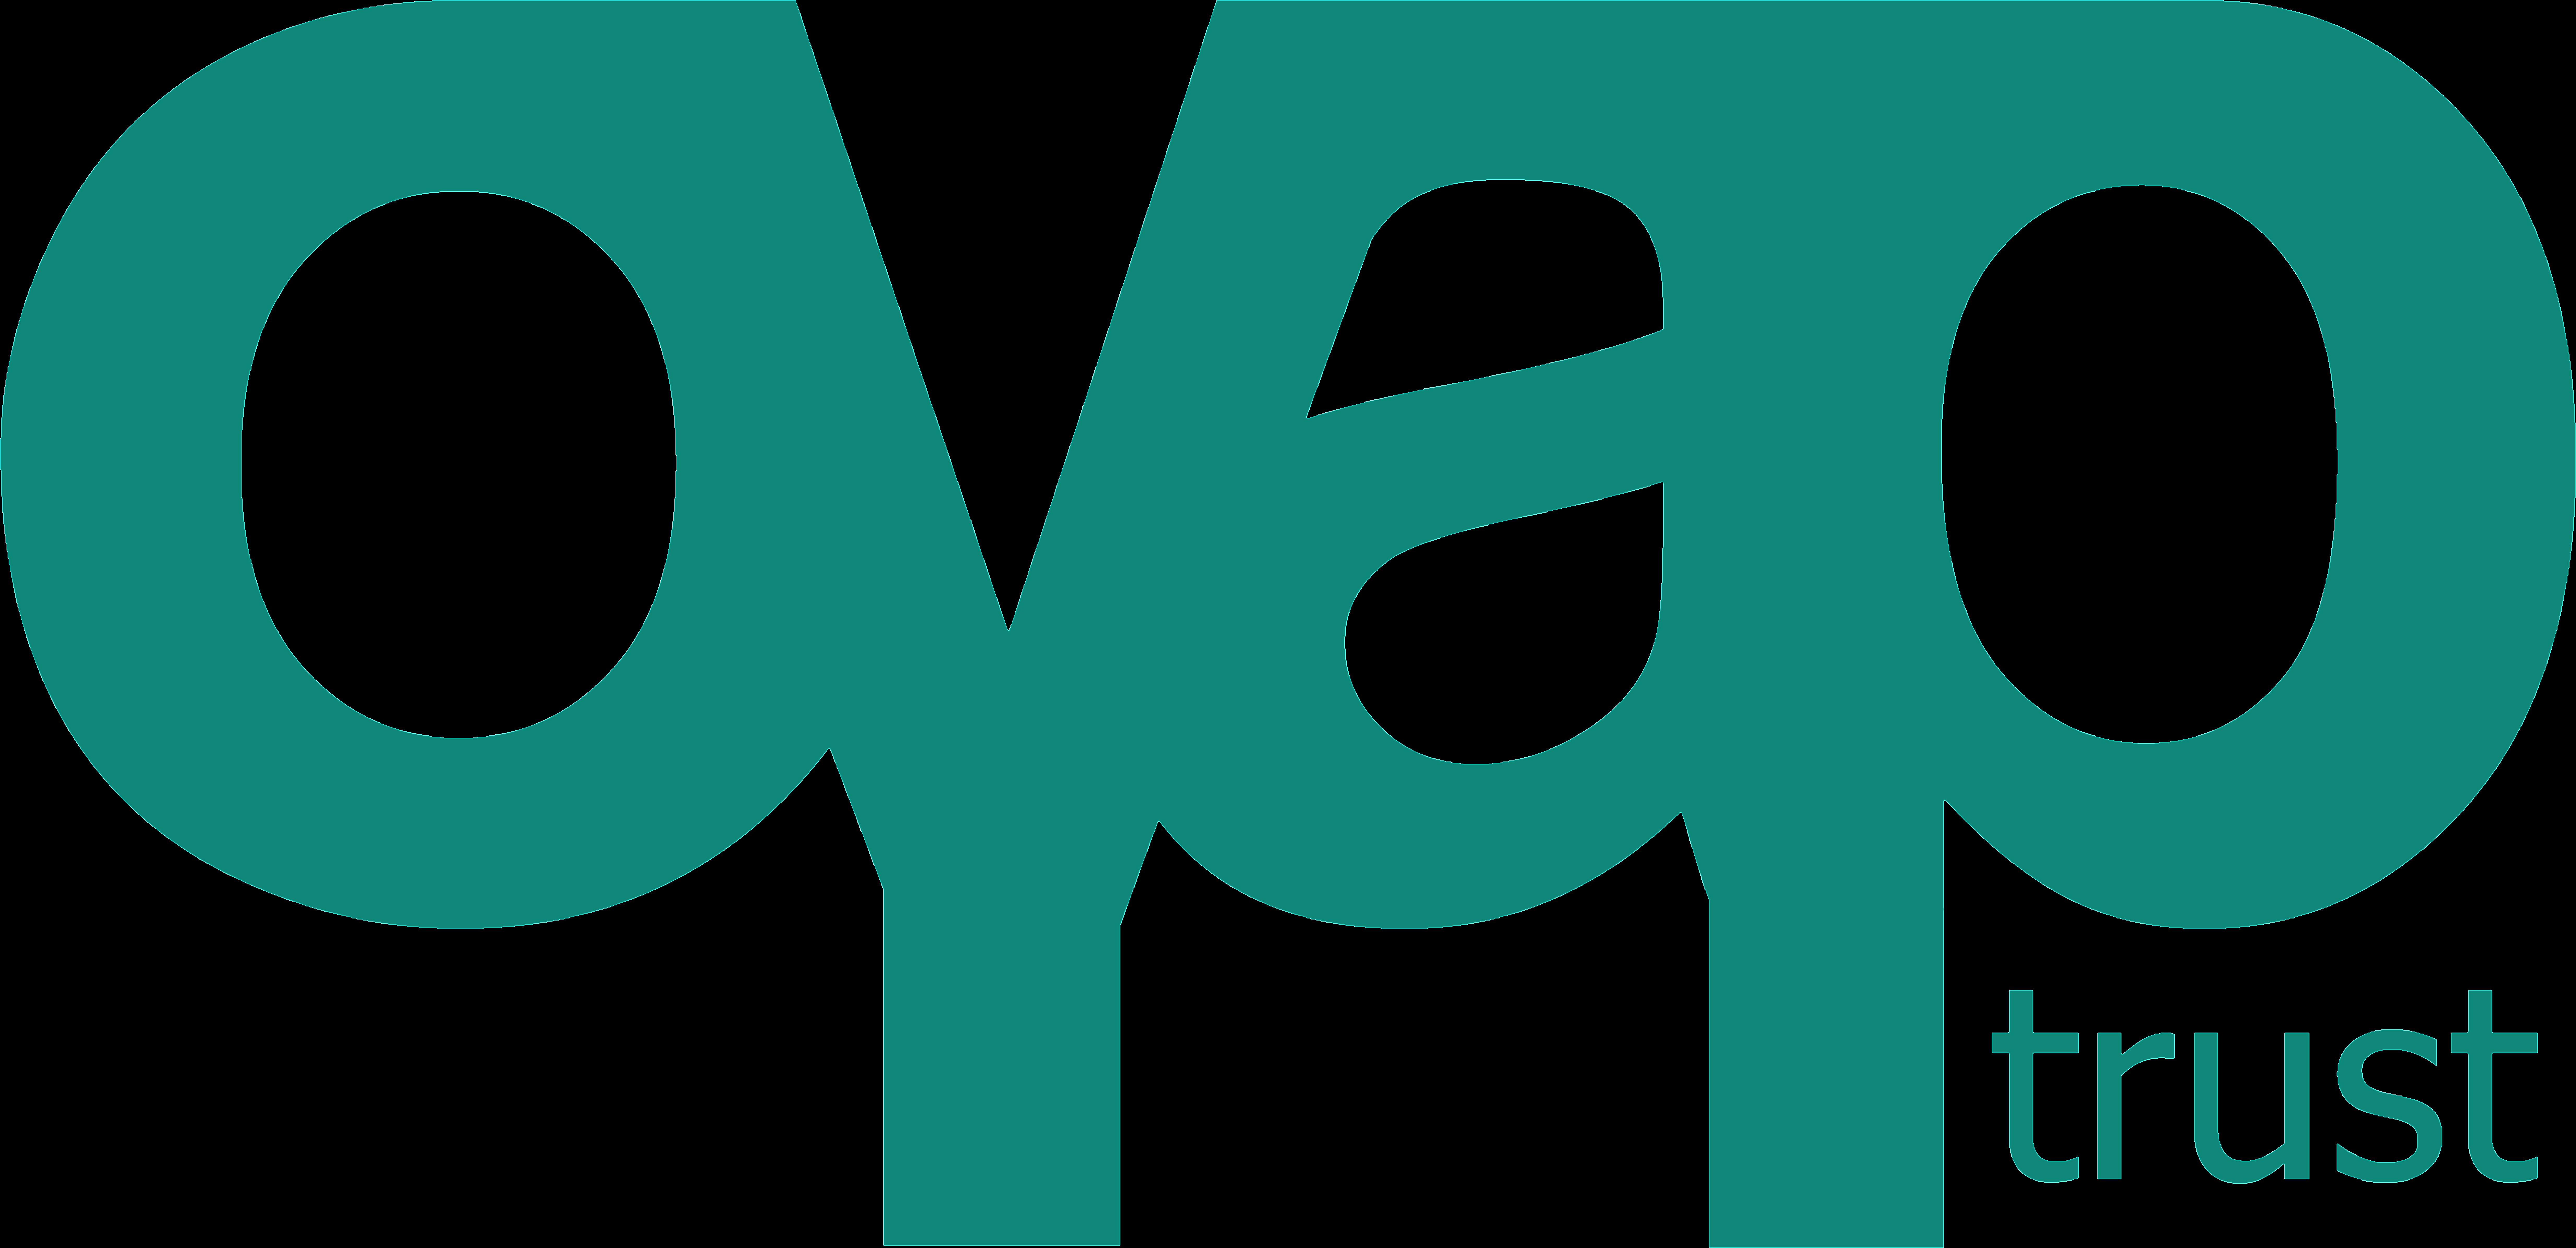 OYAP Trust logo